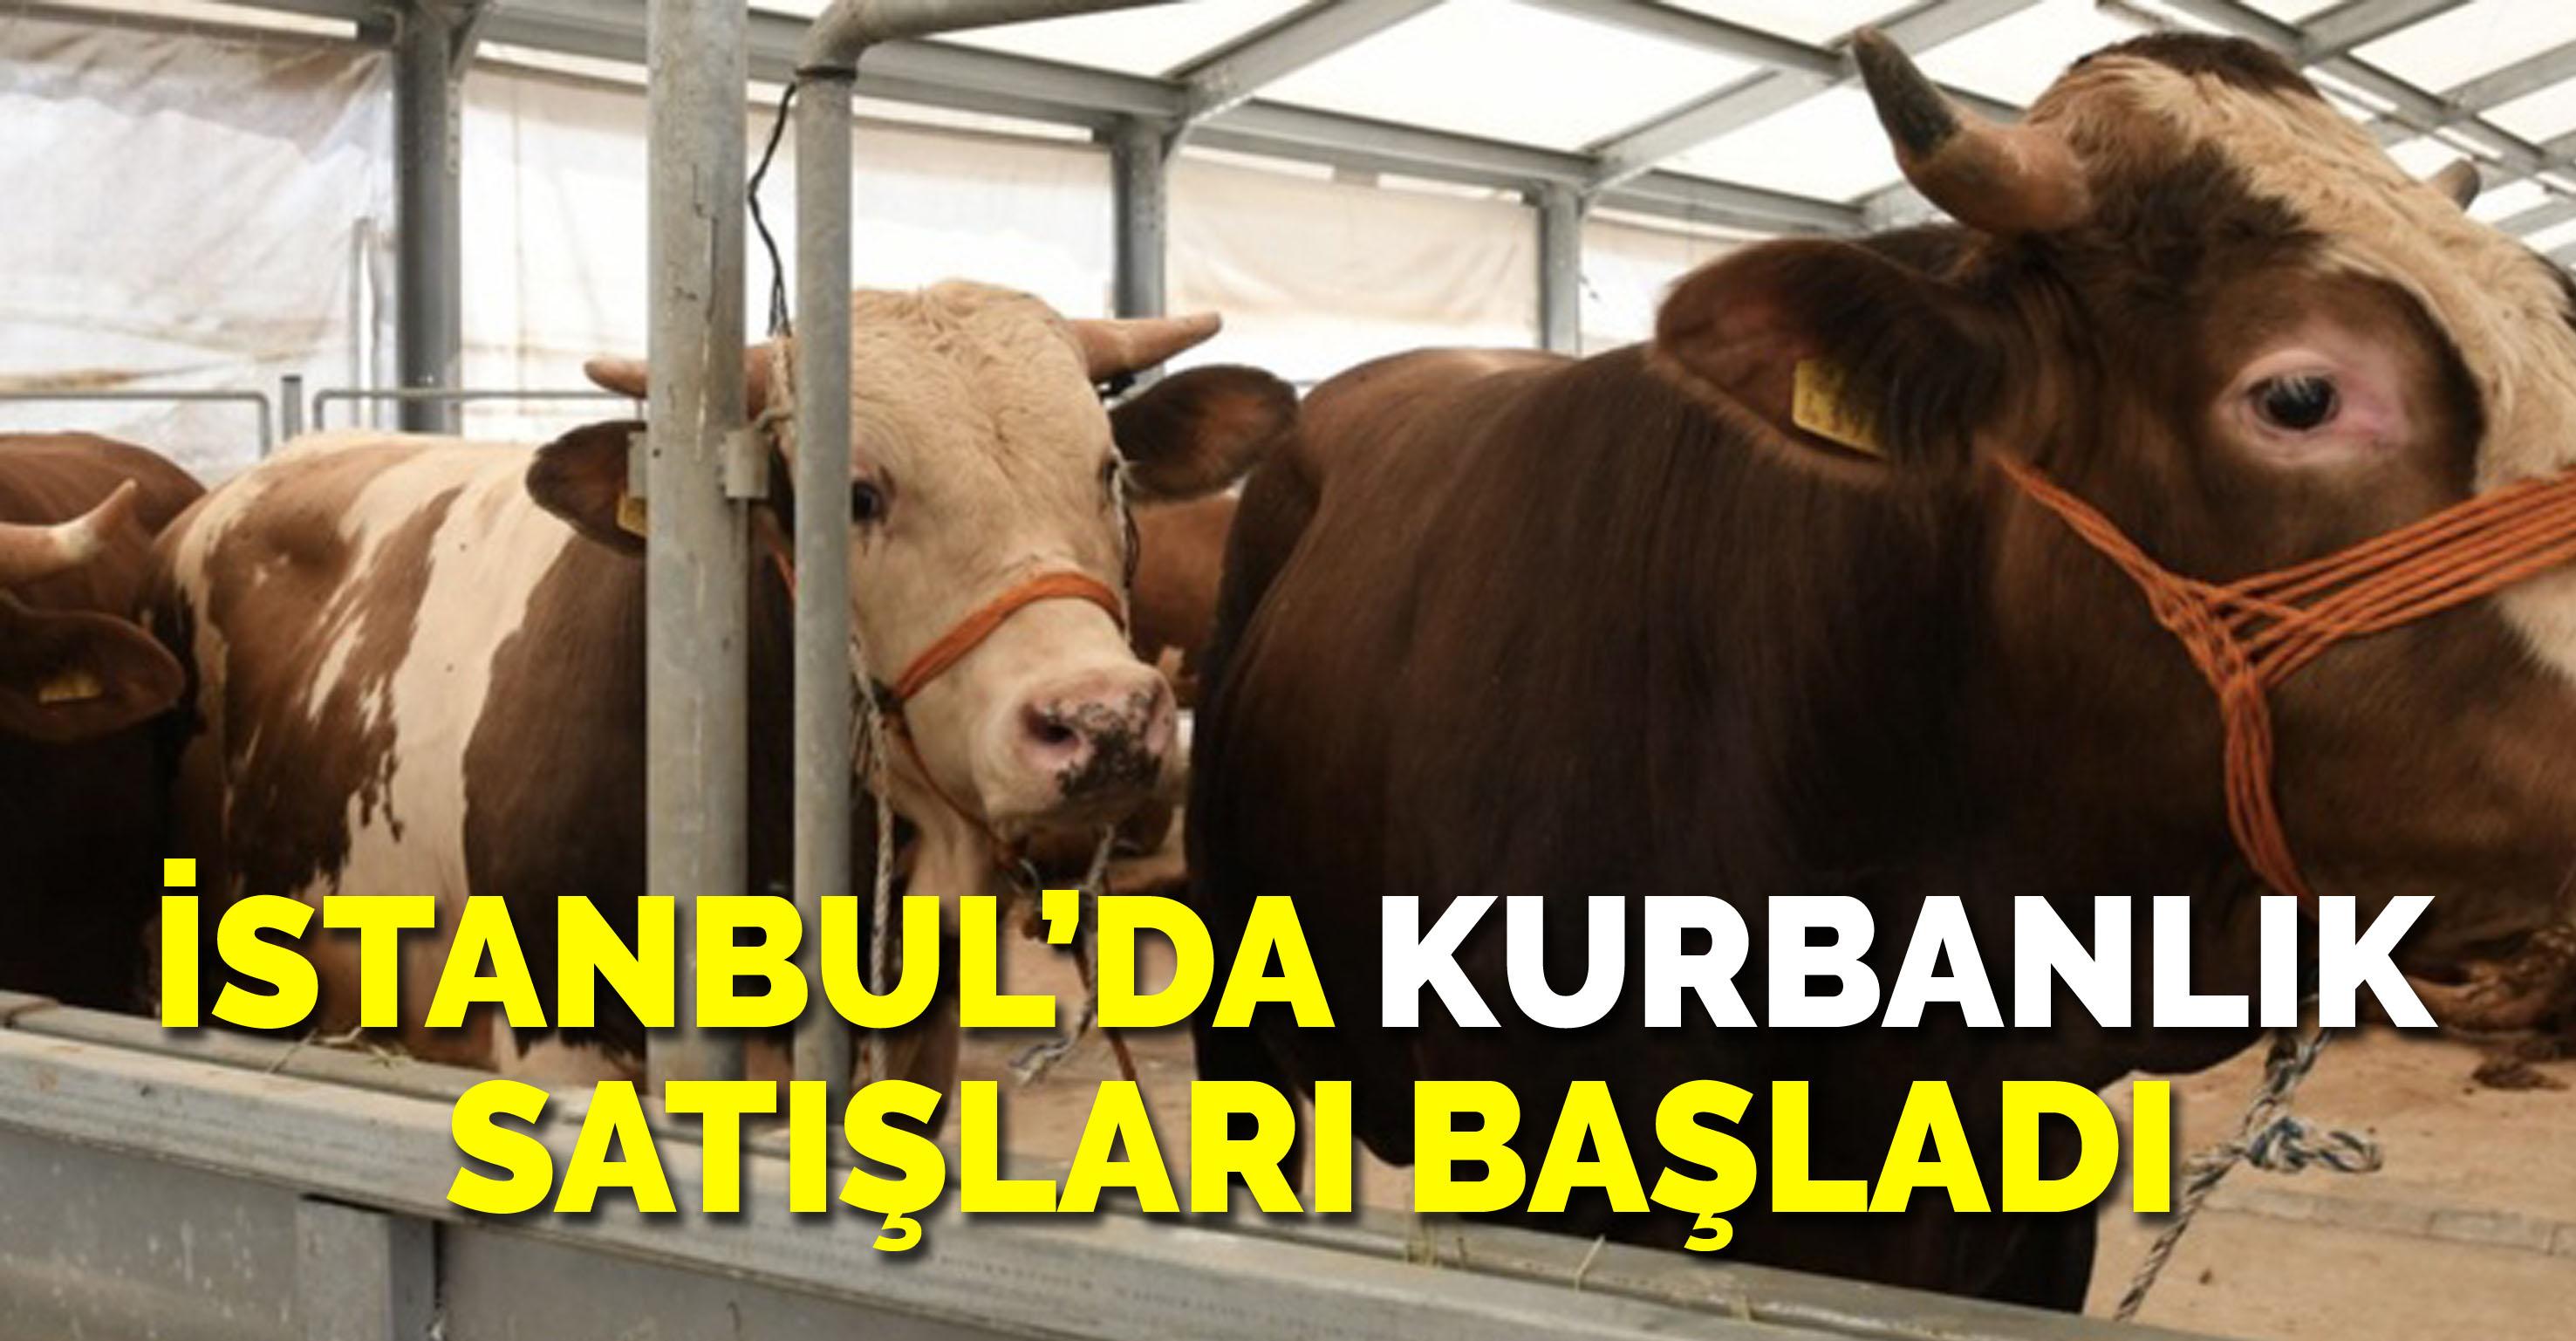 İstanbul'da kurbanlık satışları başladı